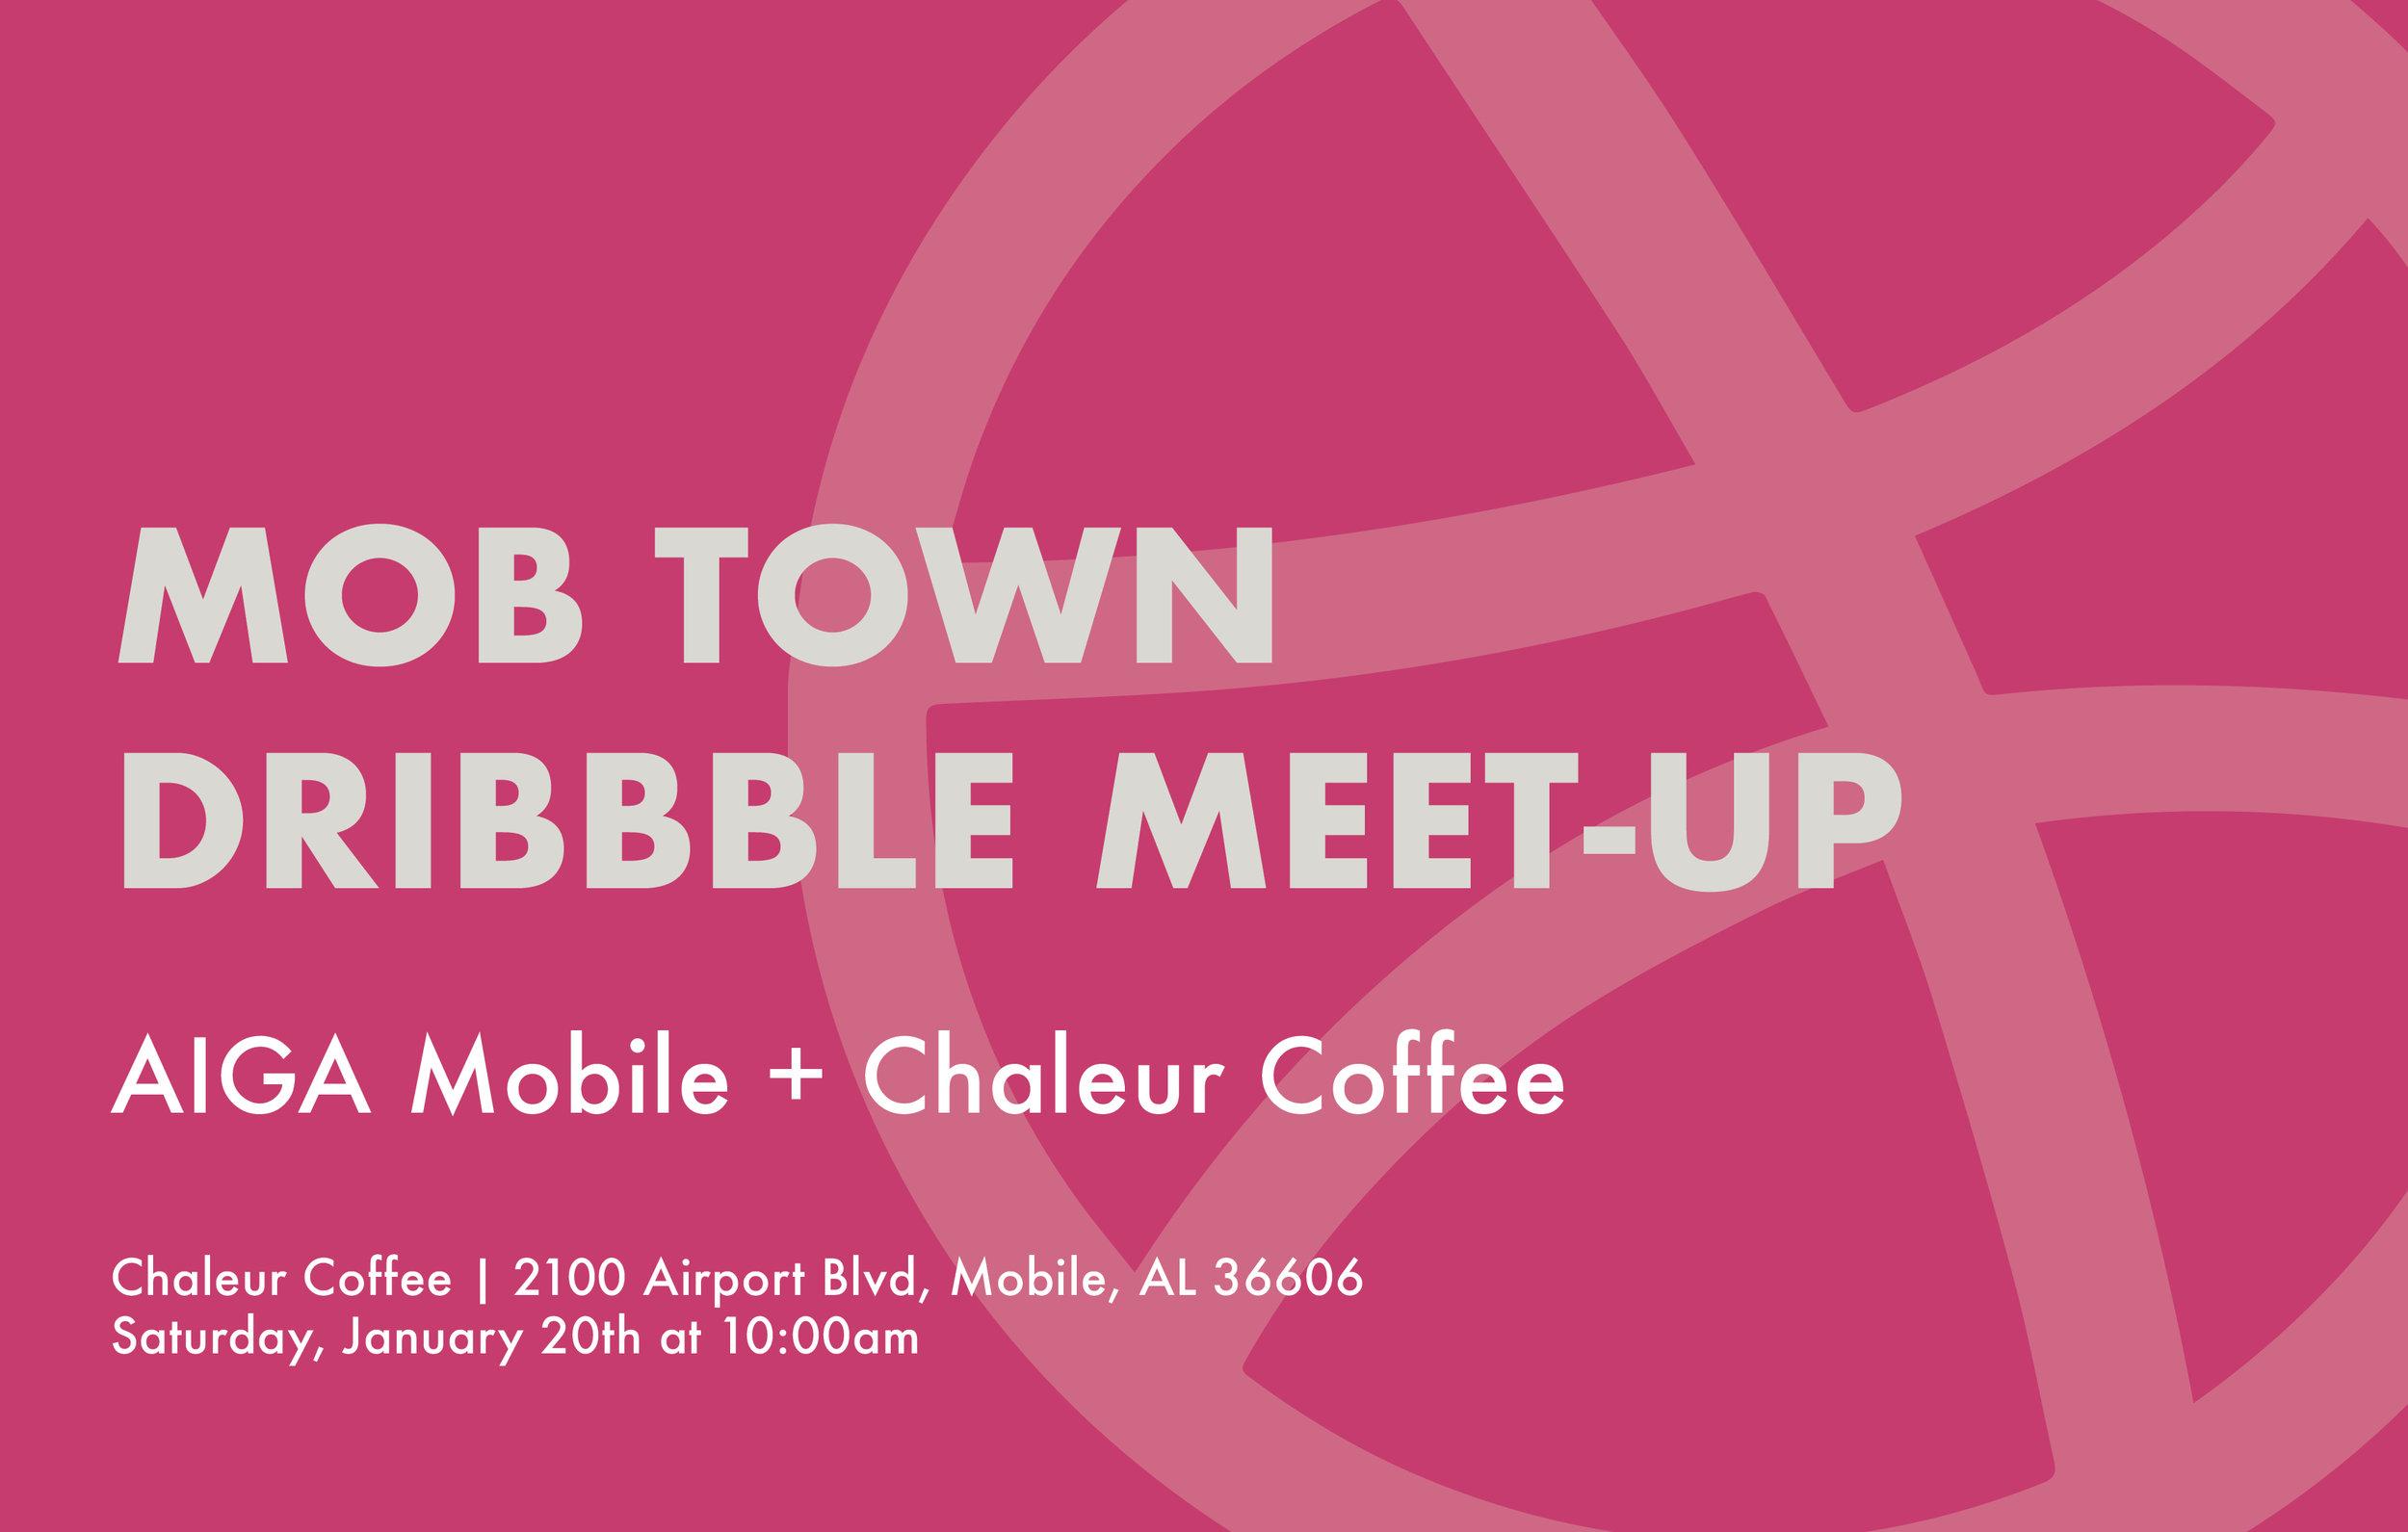 Mobile Dribbble Meet-up.jpg